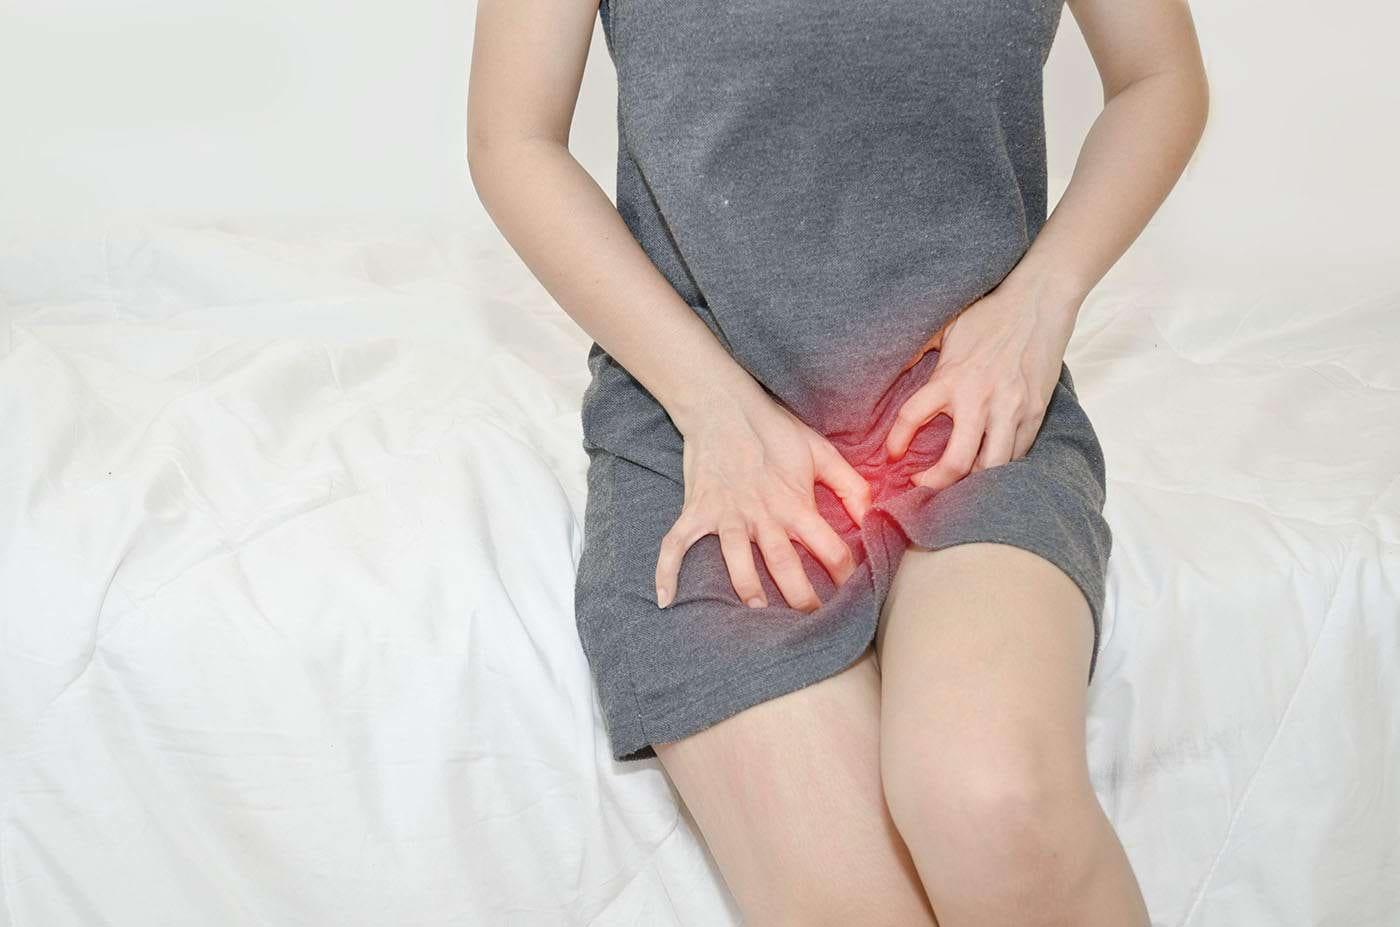 Mâncărimi în zona intimă: cauze, simptome și tratament